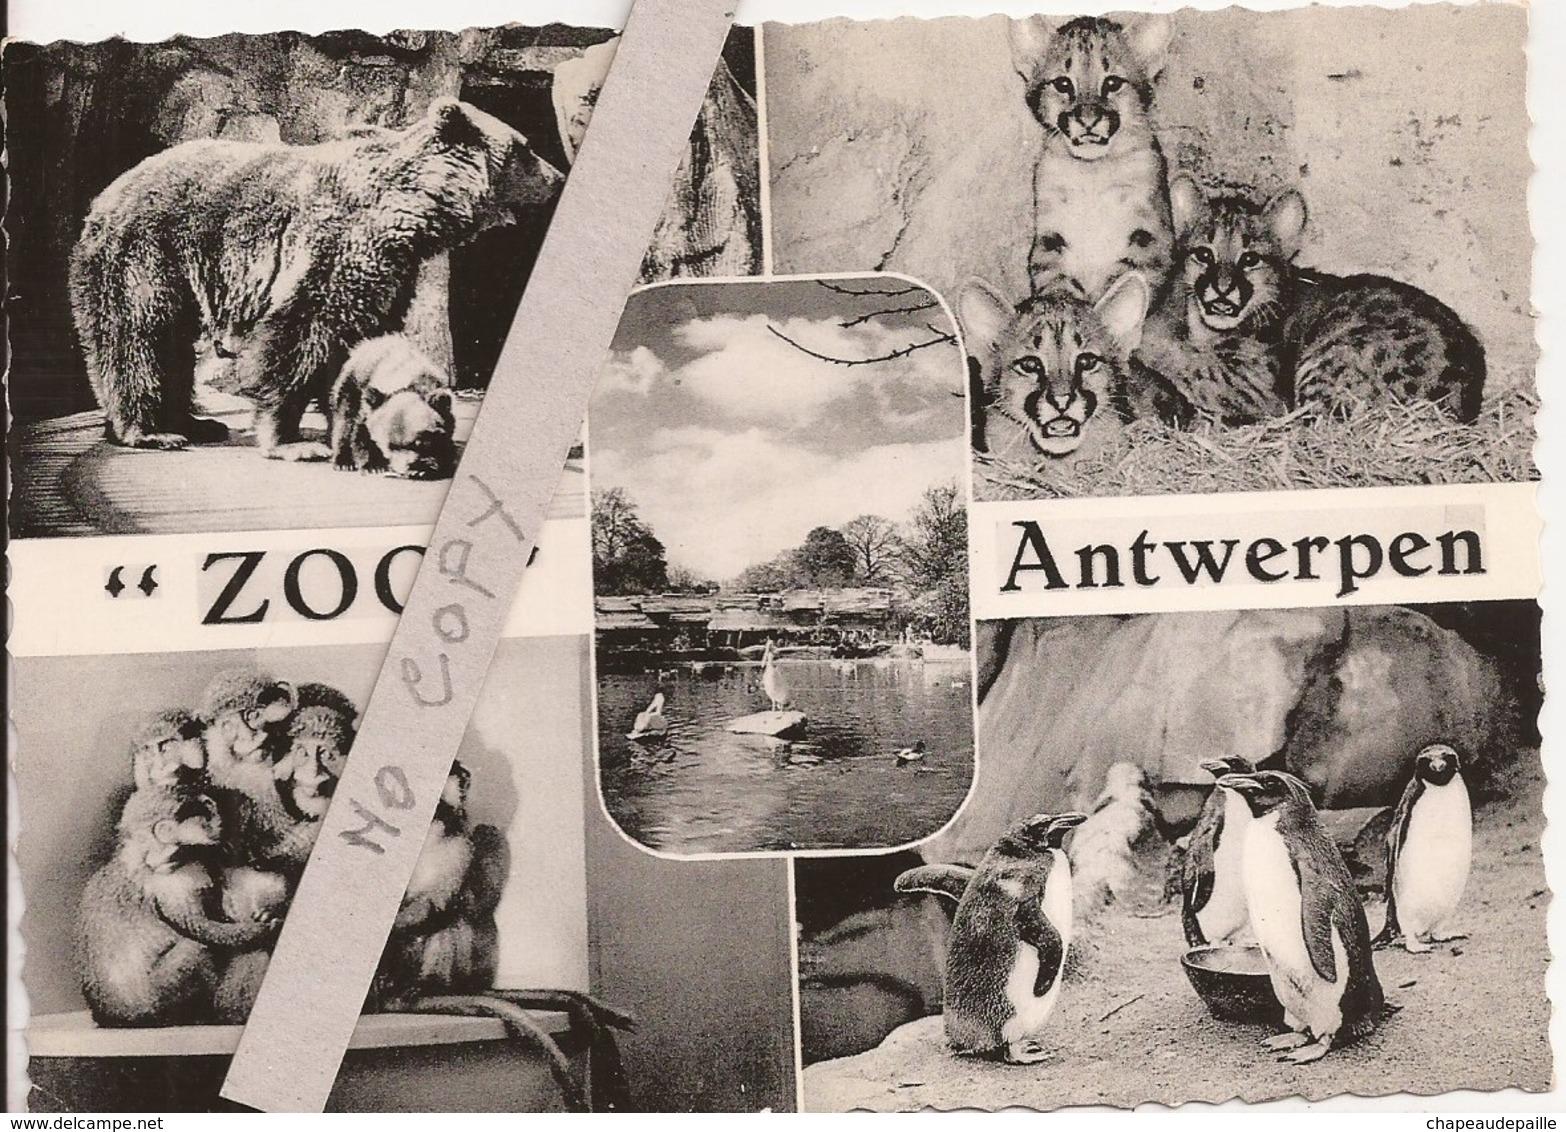 Zoo - Antwerpen - Antwerpen